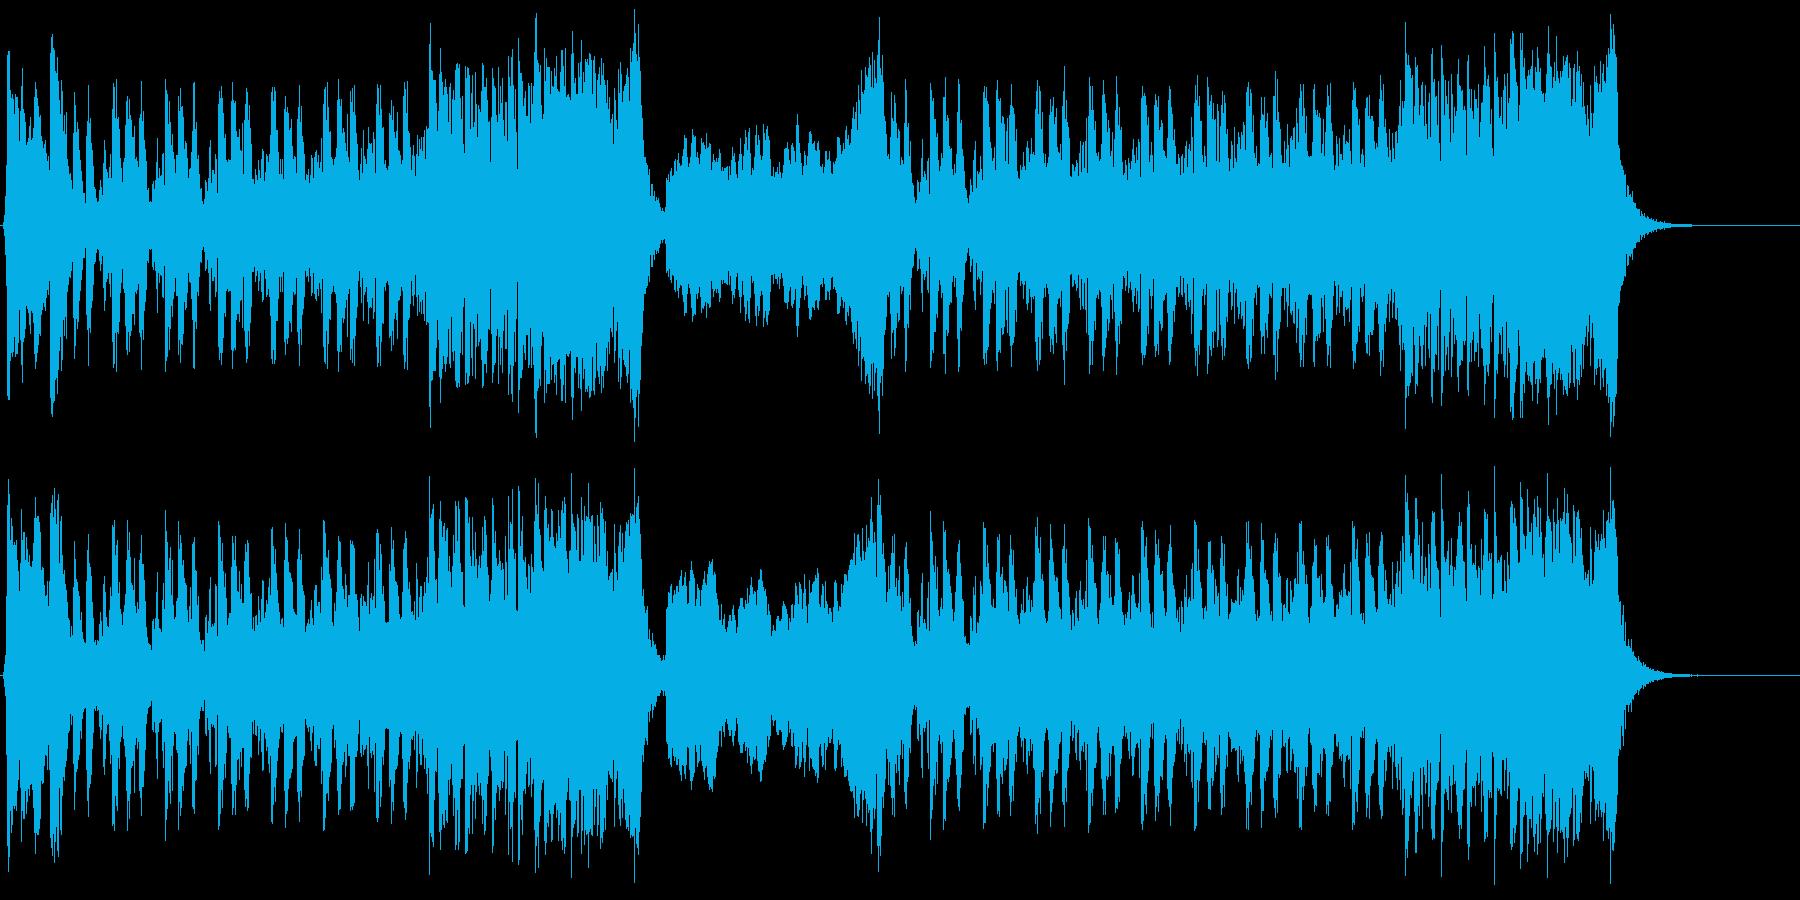 スリル満点のハリウッド系オーケストラの再生済みの波形